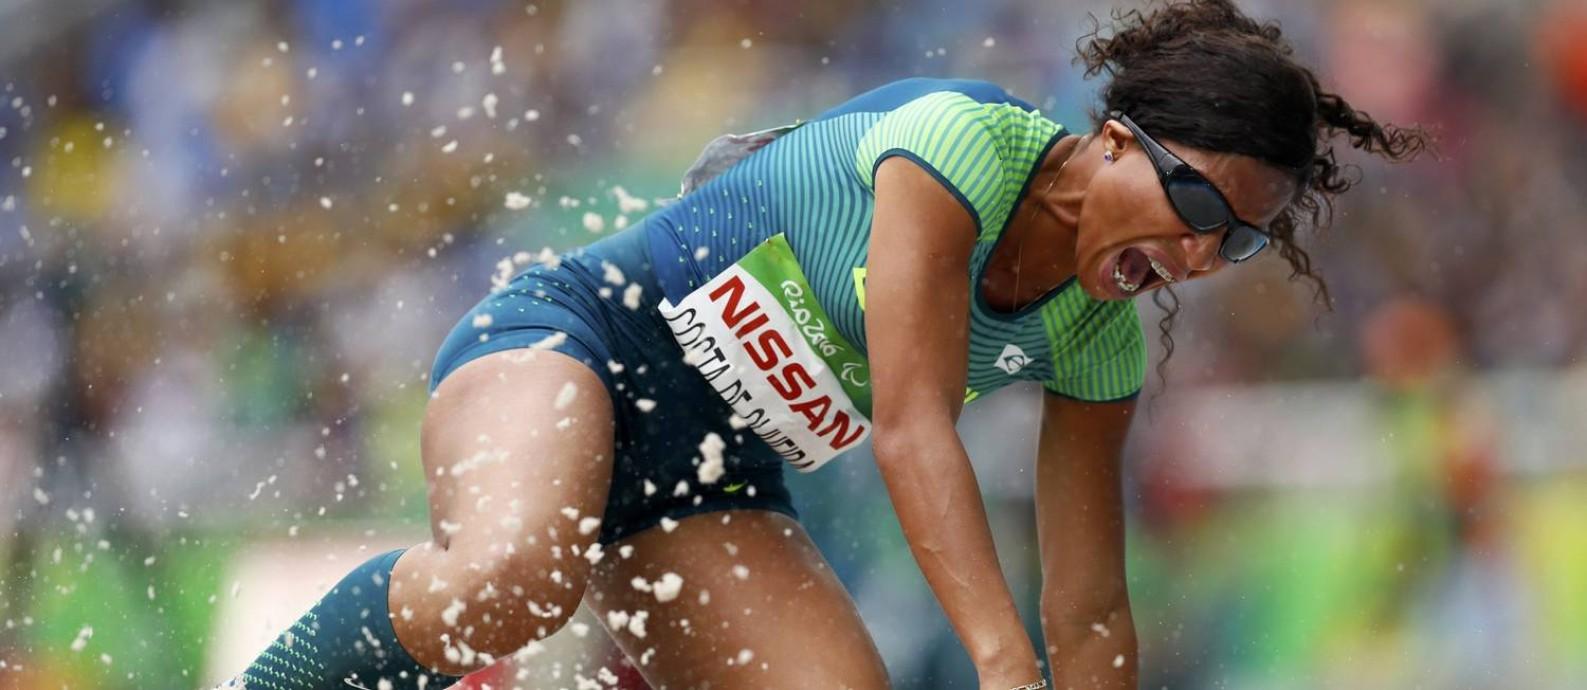 Silvania Costa conquistou o ouro no salto em distância T11 Foto: REUTERS/Jason Cairnduff